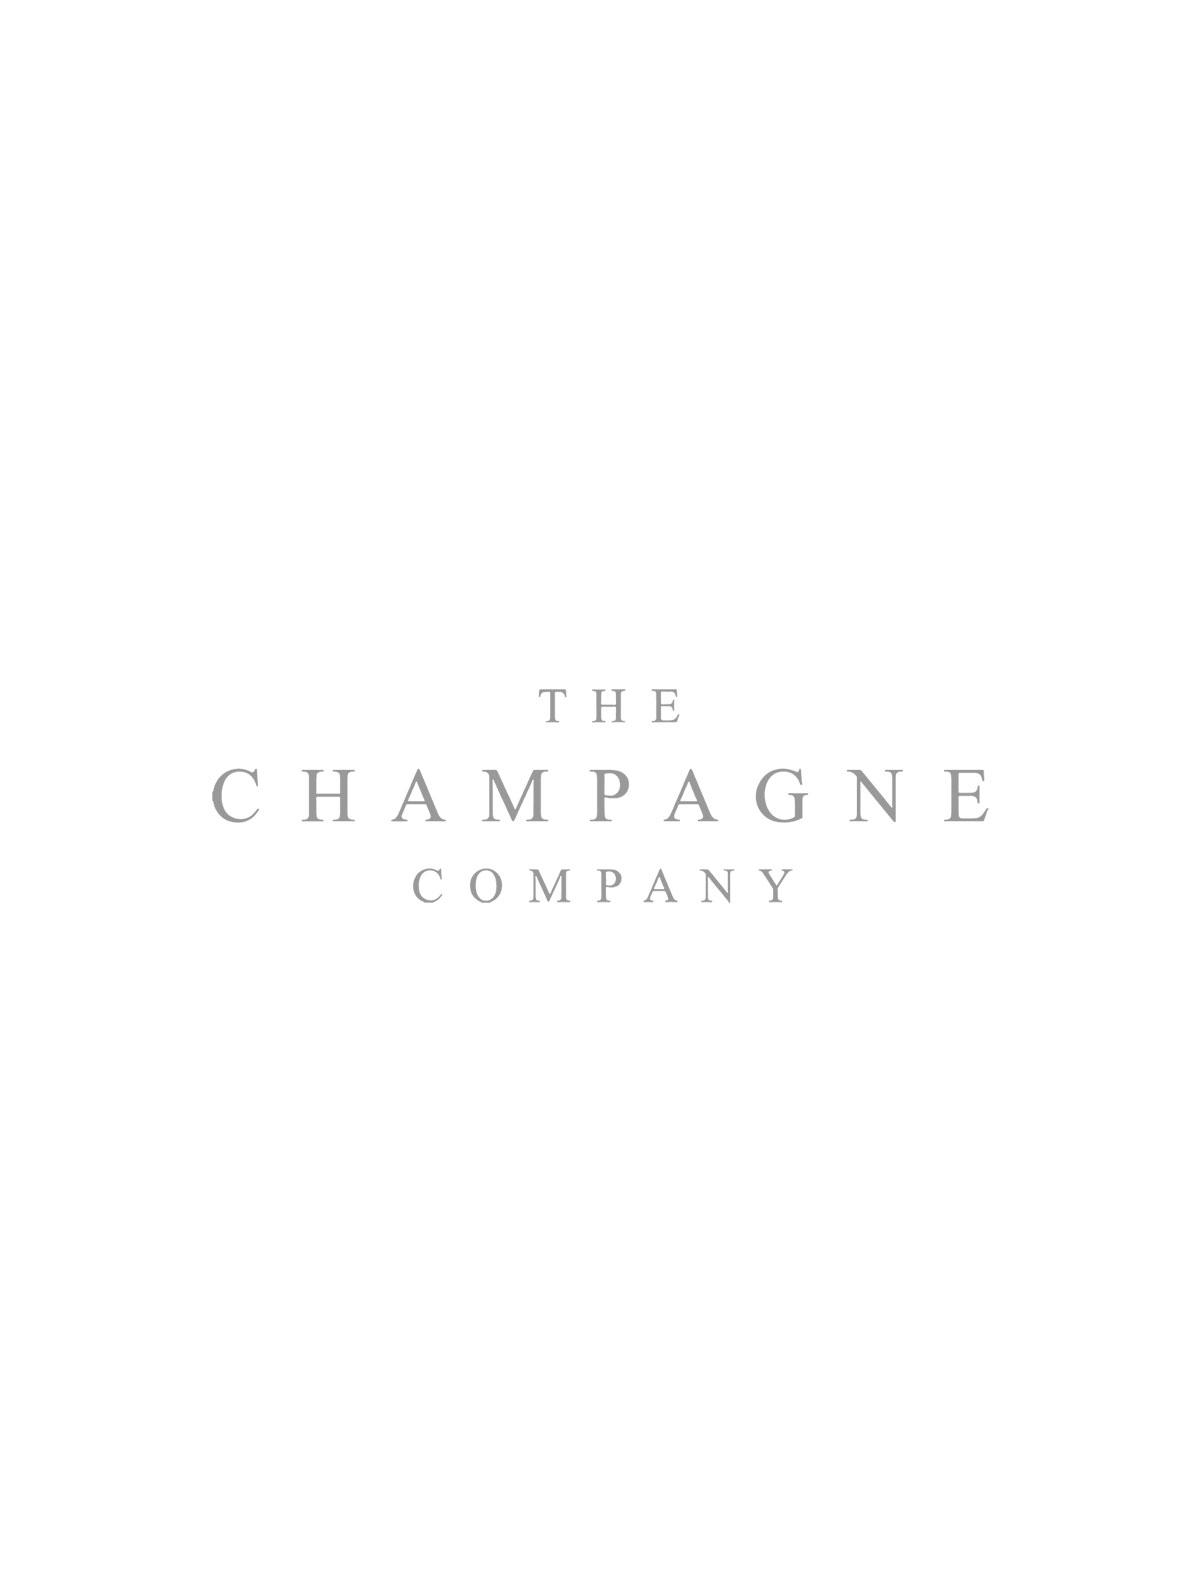 Pierre Gimmonet et Fils Millesime De Collection 2005 Champagne 150cl